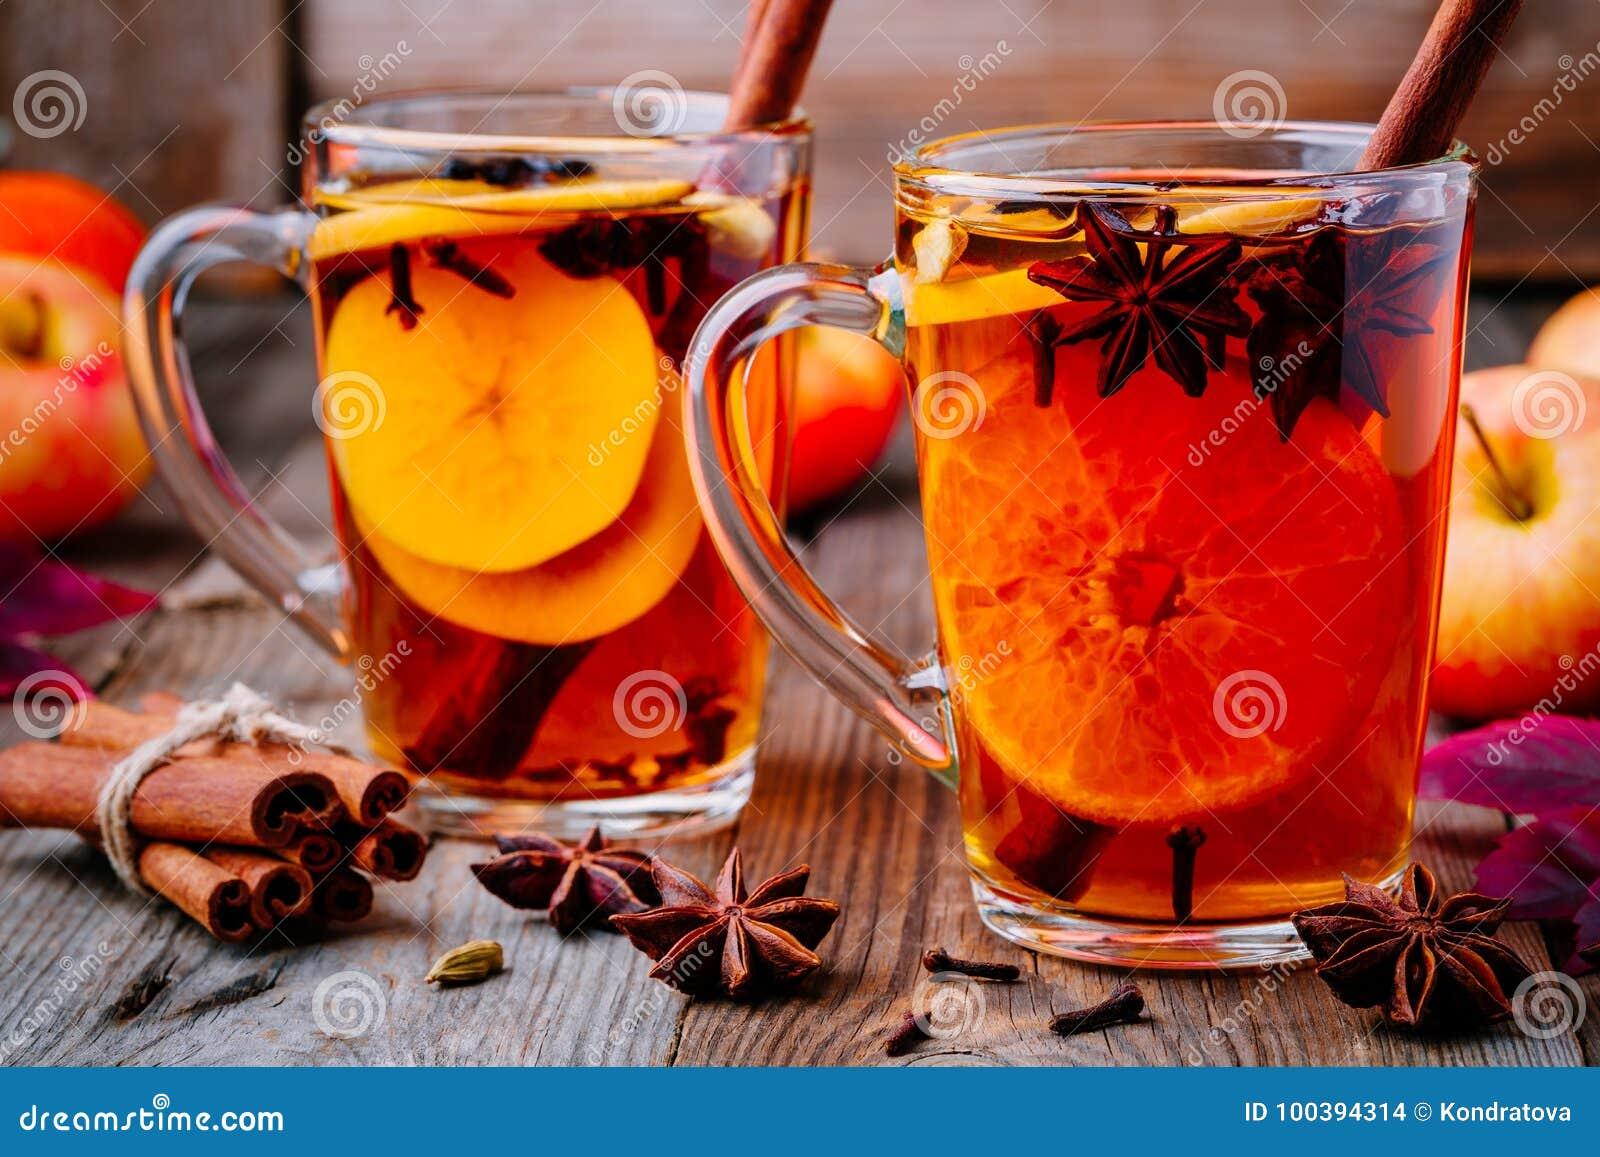 Sidra de manzana reflexionada sobre caliente con los palillos, los clavos y el anís de canela